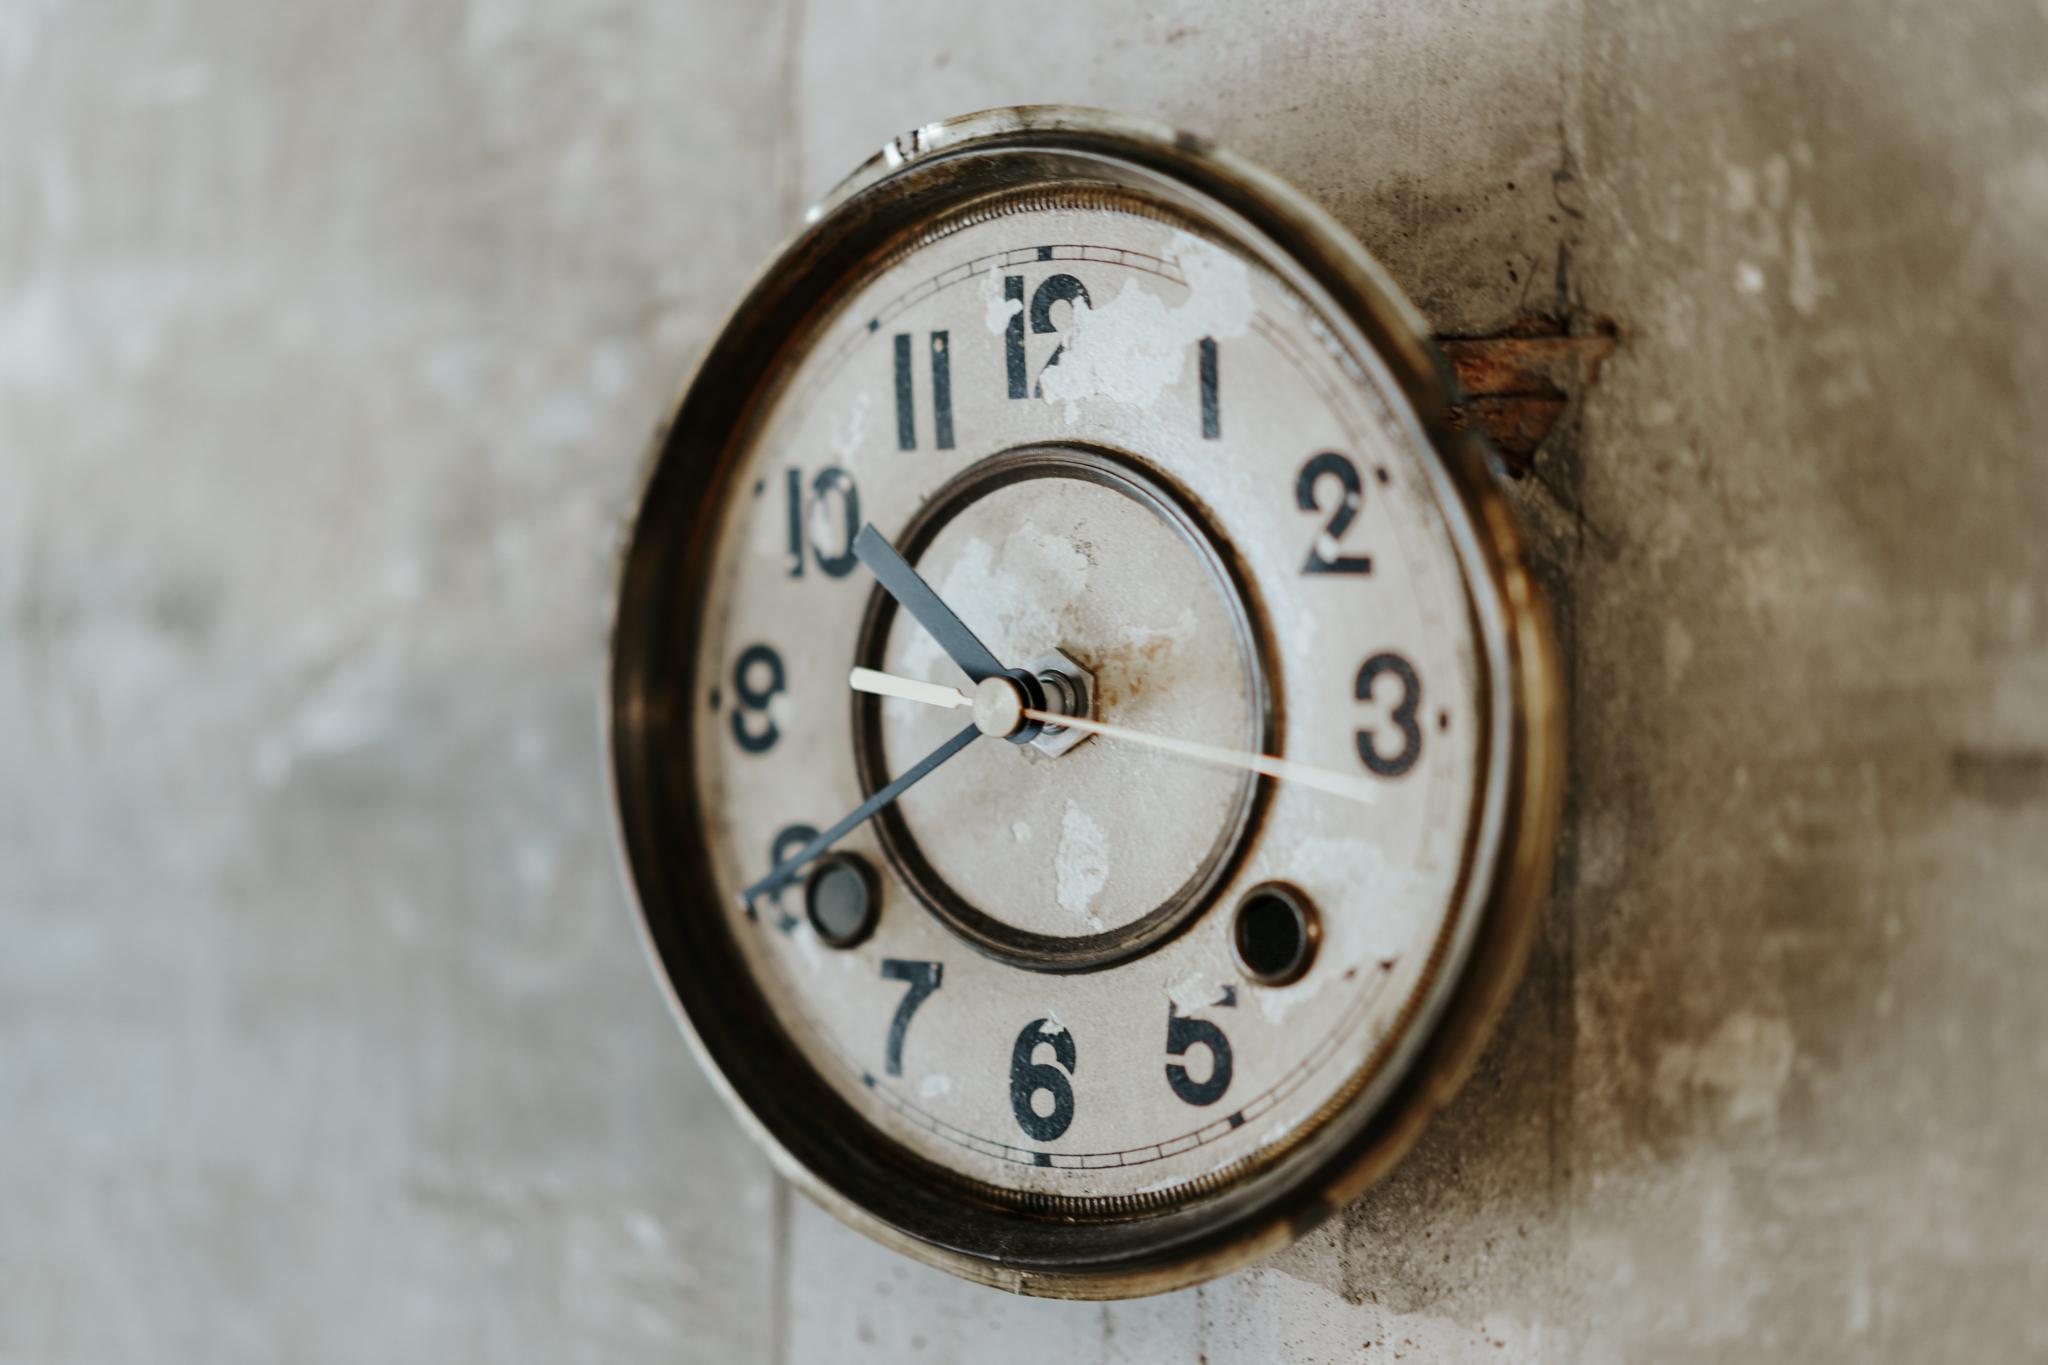 時計は、古い文字盤を買ってきて自分で時計キットと組み合わせたもの。